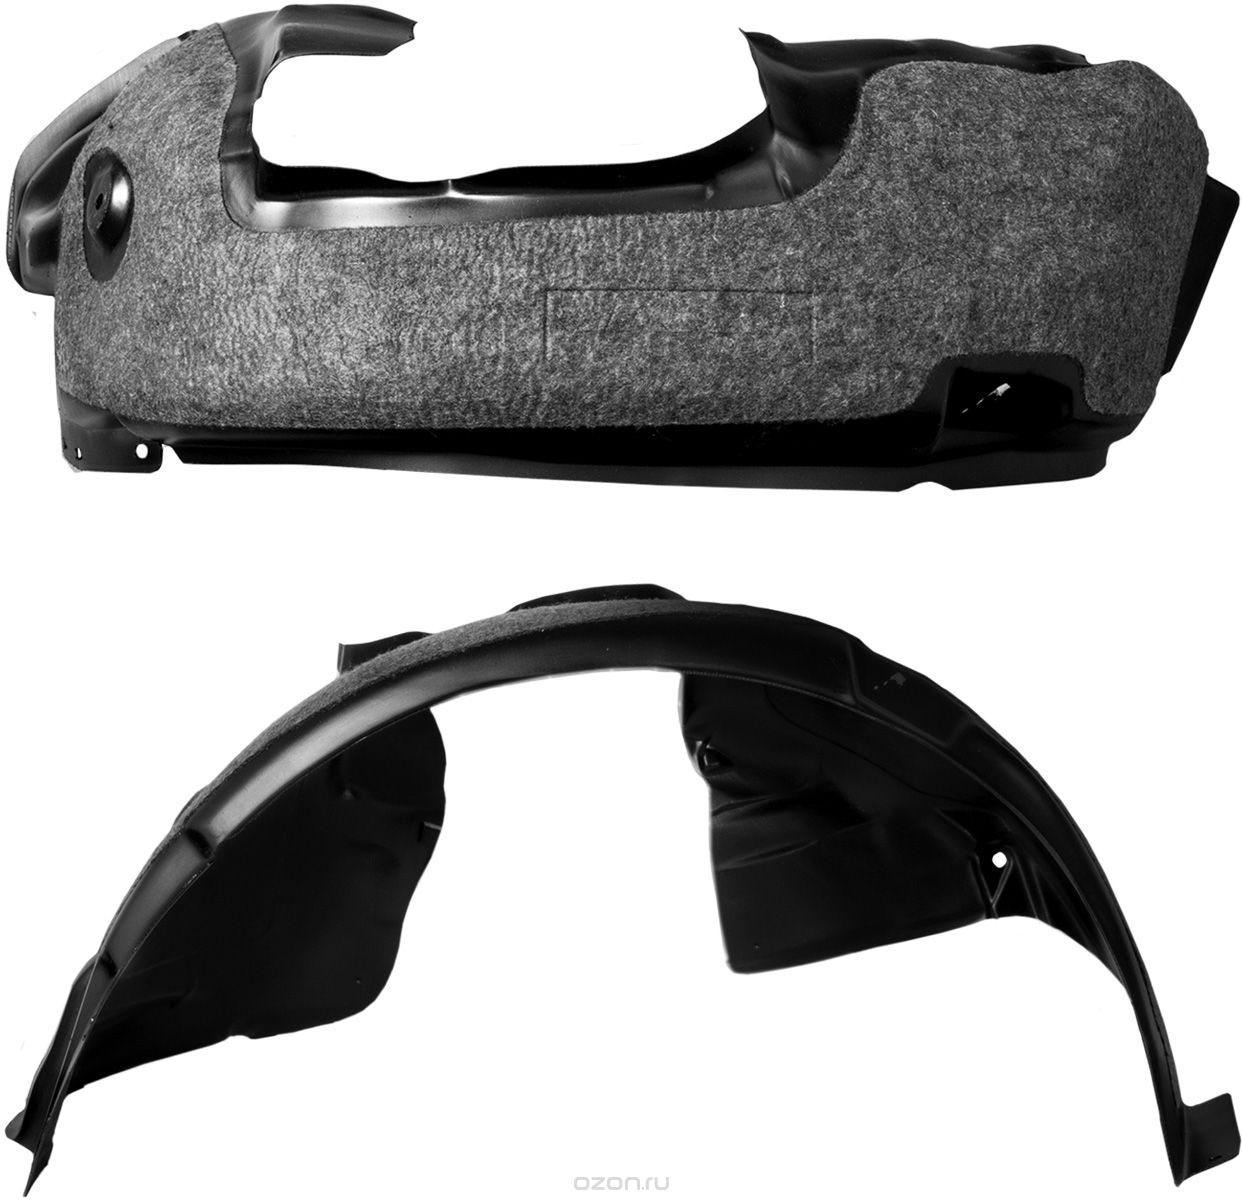 Подкрылок Novline-Autofamily, с шумоизоляцией, для GEELY X7, 2013->, задний левыйNLS.75.07.003Идеальная защита колесной ниши. Локеры разработаны с применением цифровых технологий, гарантируют максимальную повторяемость поверхности арки. Изделия устанавливаются без нарушения лакокрасочного покрытия автомобиля, каждый подкрылок комплектуется крепежом. Уважаемые клиенты, обращаем ваше внимание, что фотографии на подкрылки универсальные и не отражают реальную форму изделия. При этом само изделие идет точно под размер указанного автомобиля.